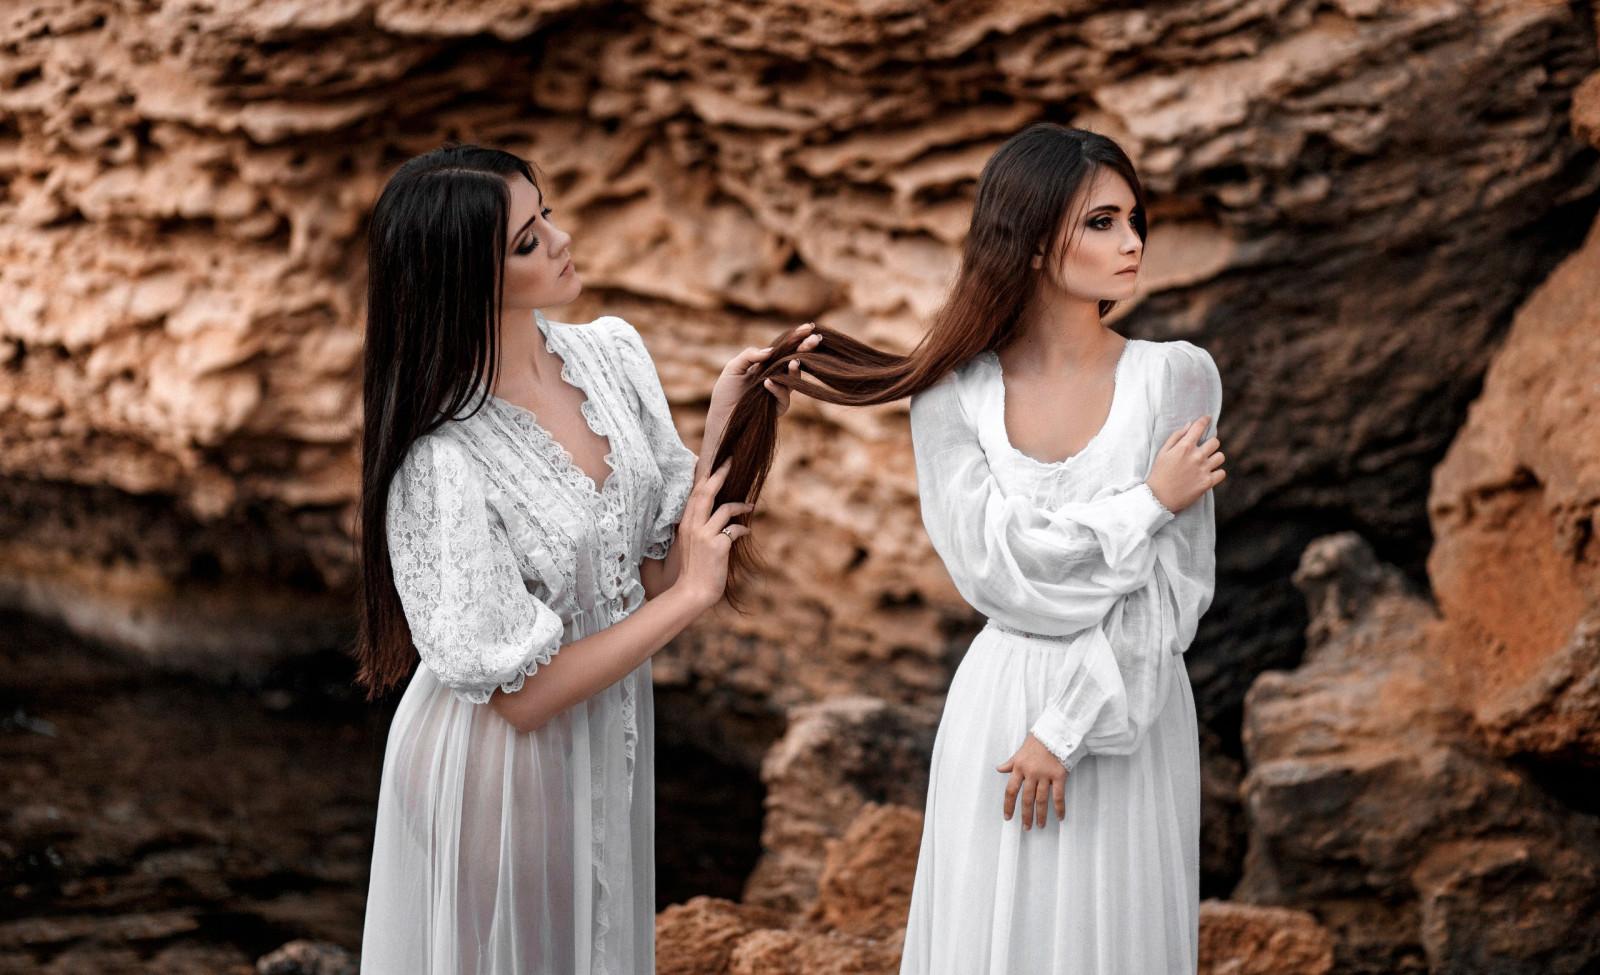 2a54d95f0a08 Kvinder udendørs Kvinder model klippe kjole bryllupskjole kvinde bryllup  brud fotografi kjole portrætfotografering Photo shoot ceremoni